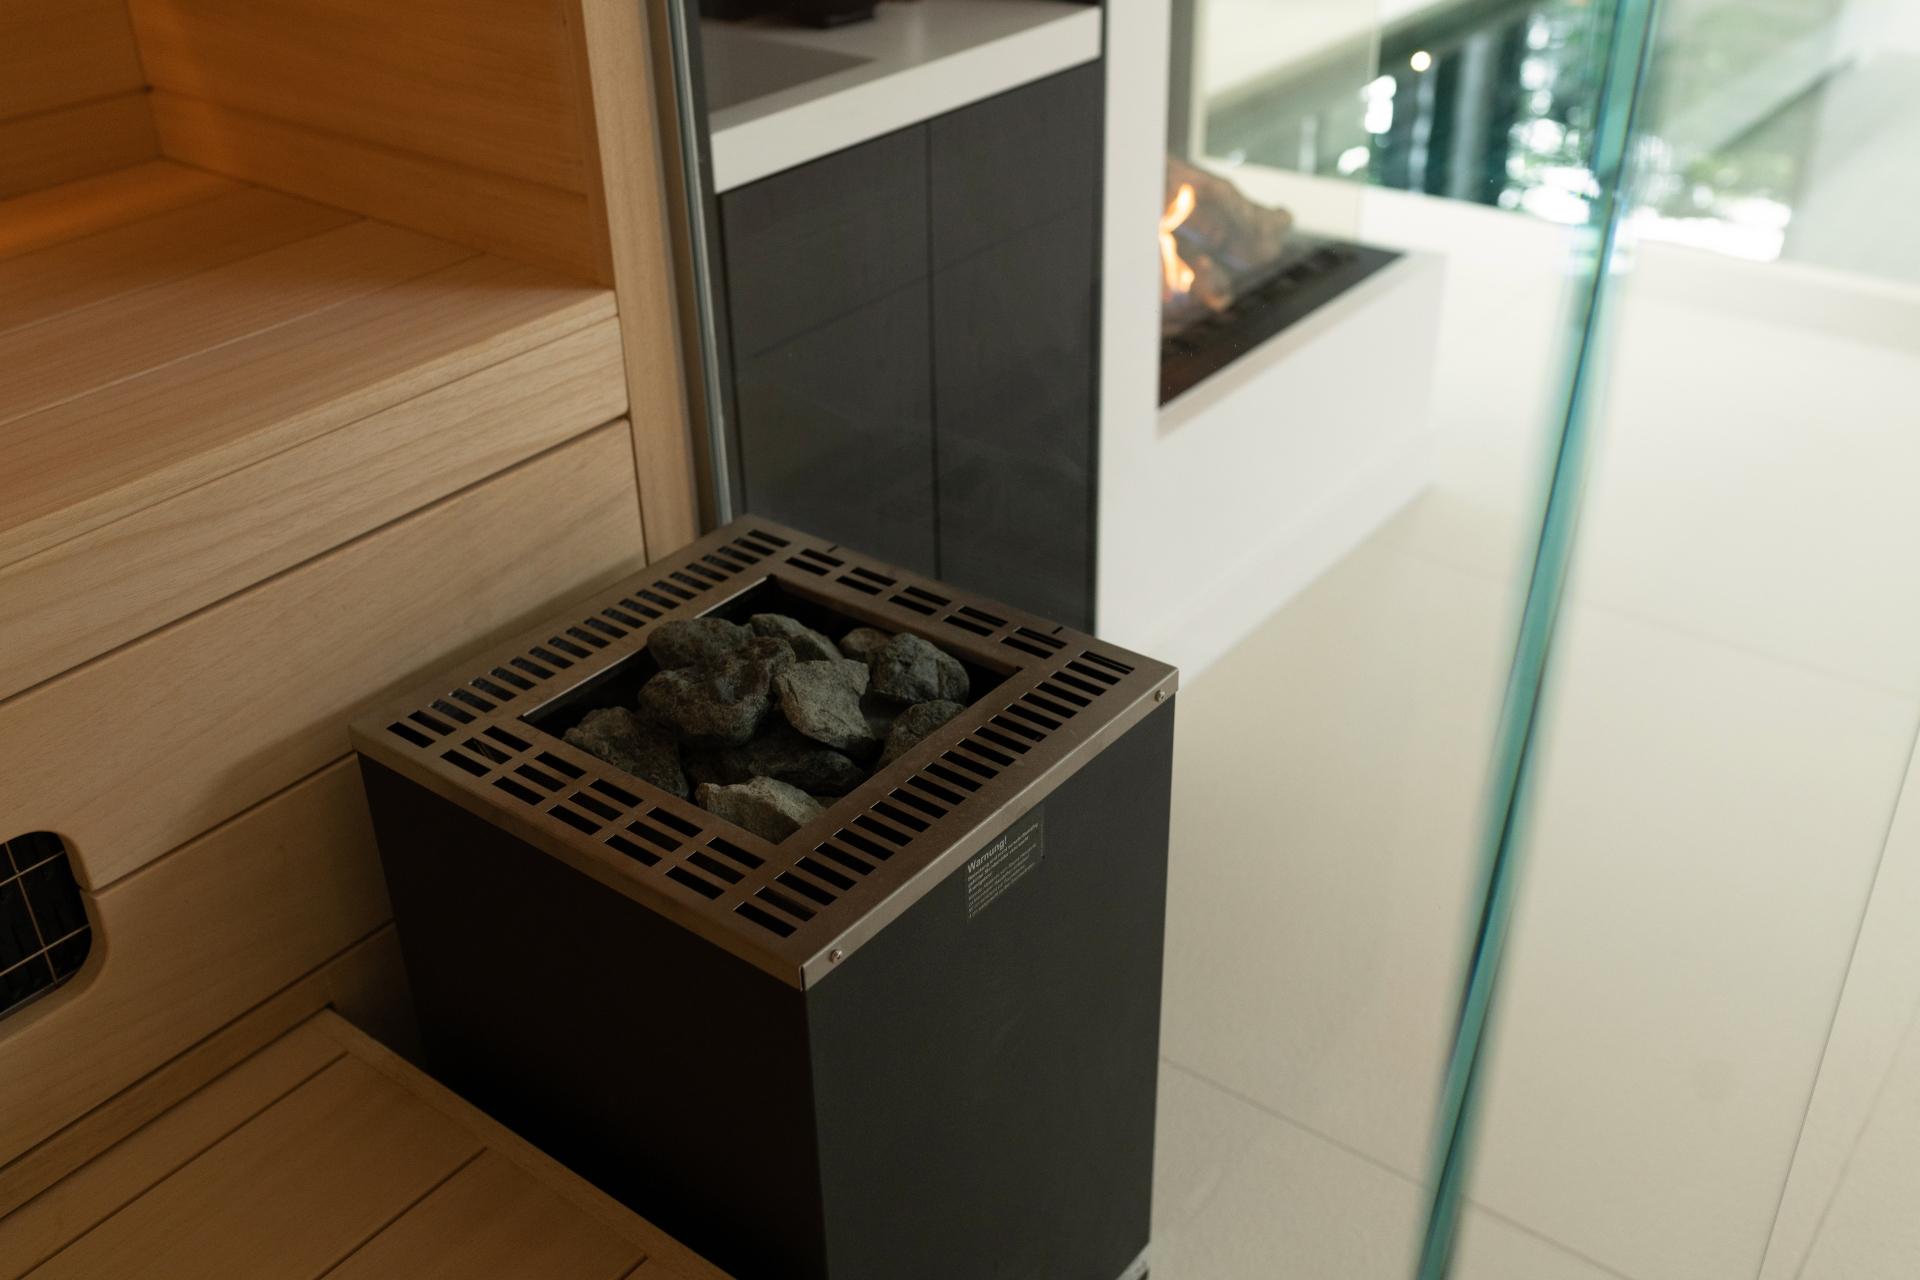 Finse sauna kachel met glaswand in wellnessruimte